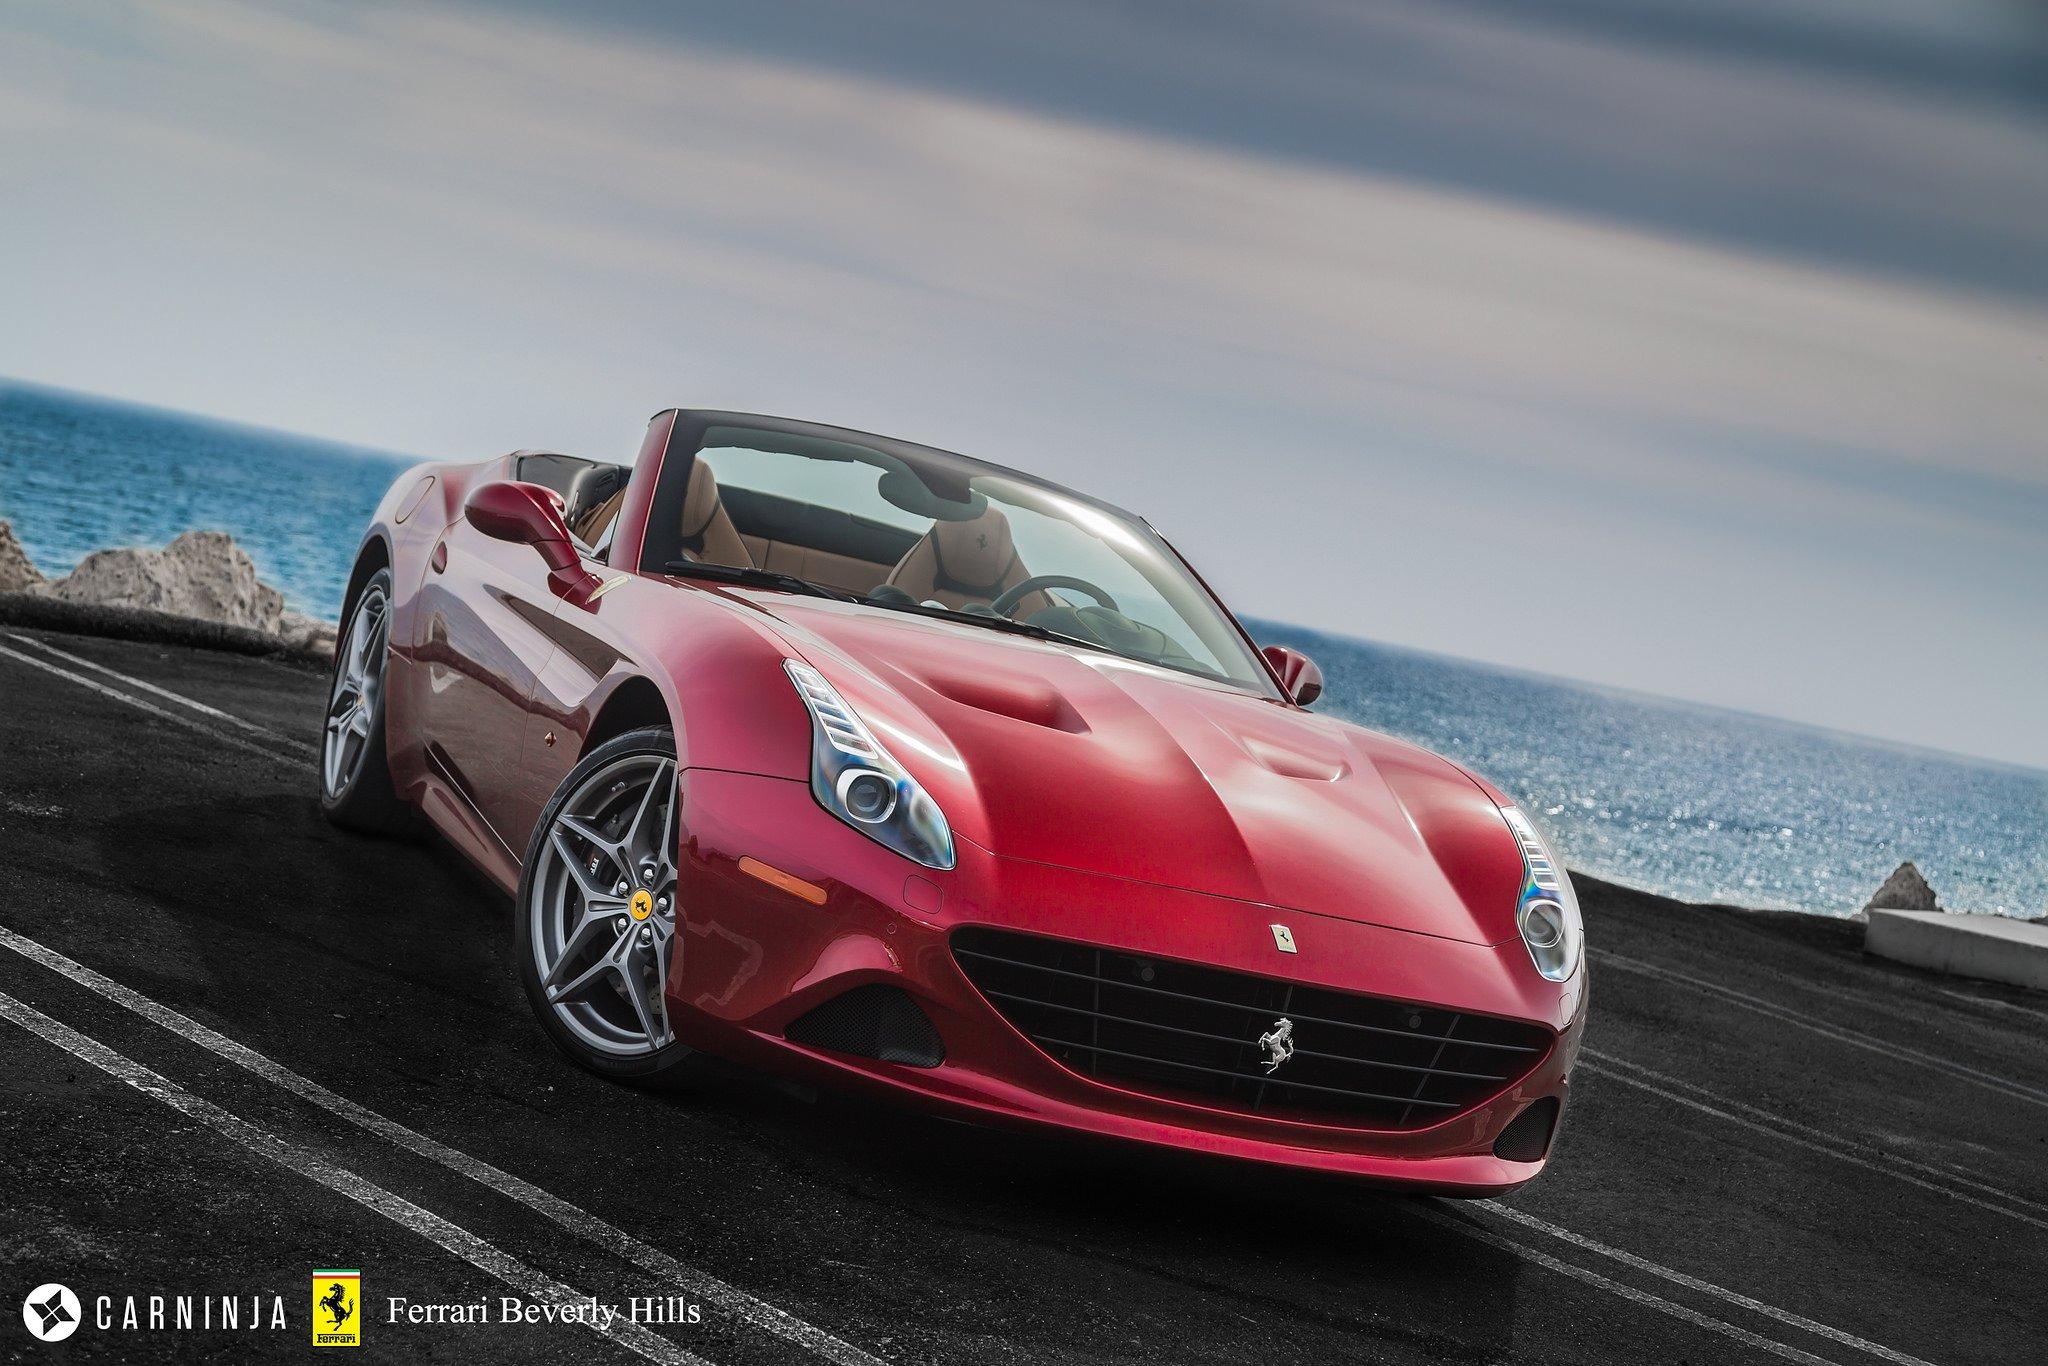 Ferrari california t convertible supercars cars wallpaper ferrari california t convertible supercars cars wallpaper 2048x1366 642060 wallpaperup voltagebd Gallery